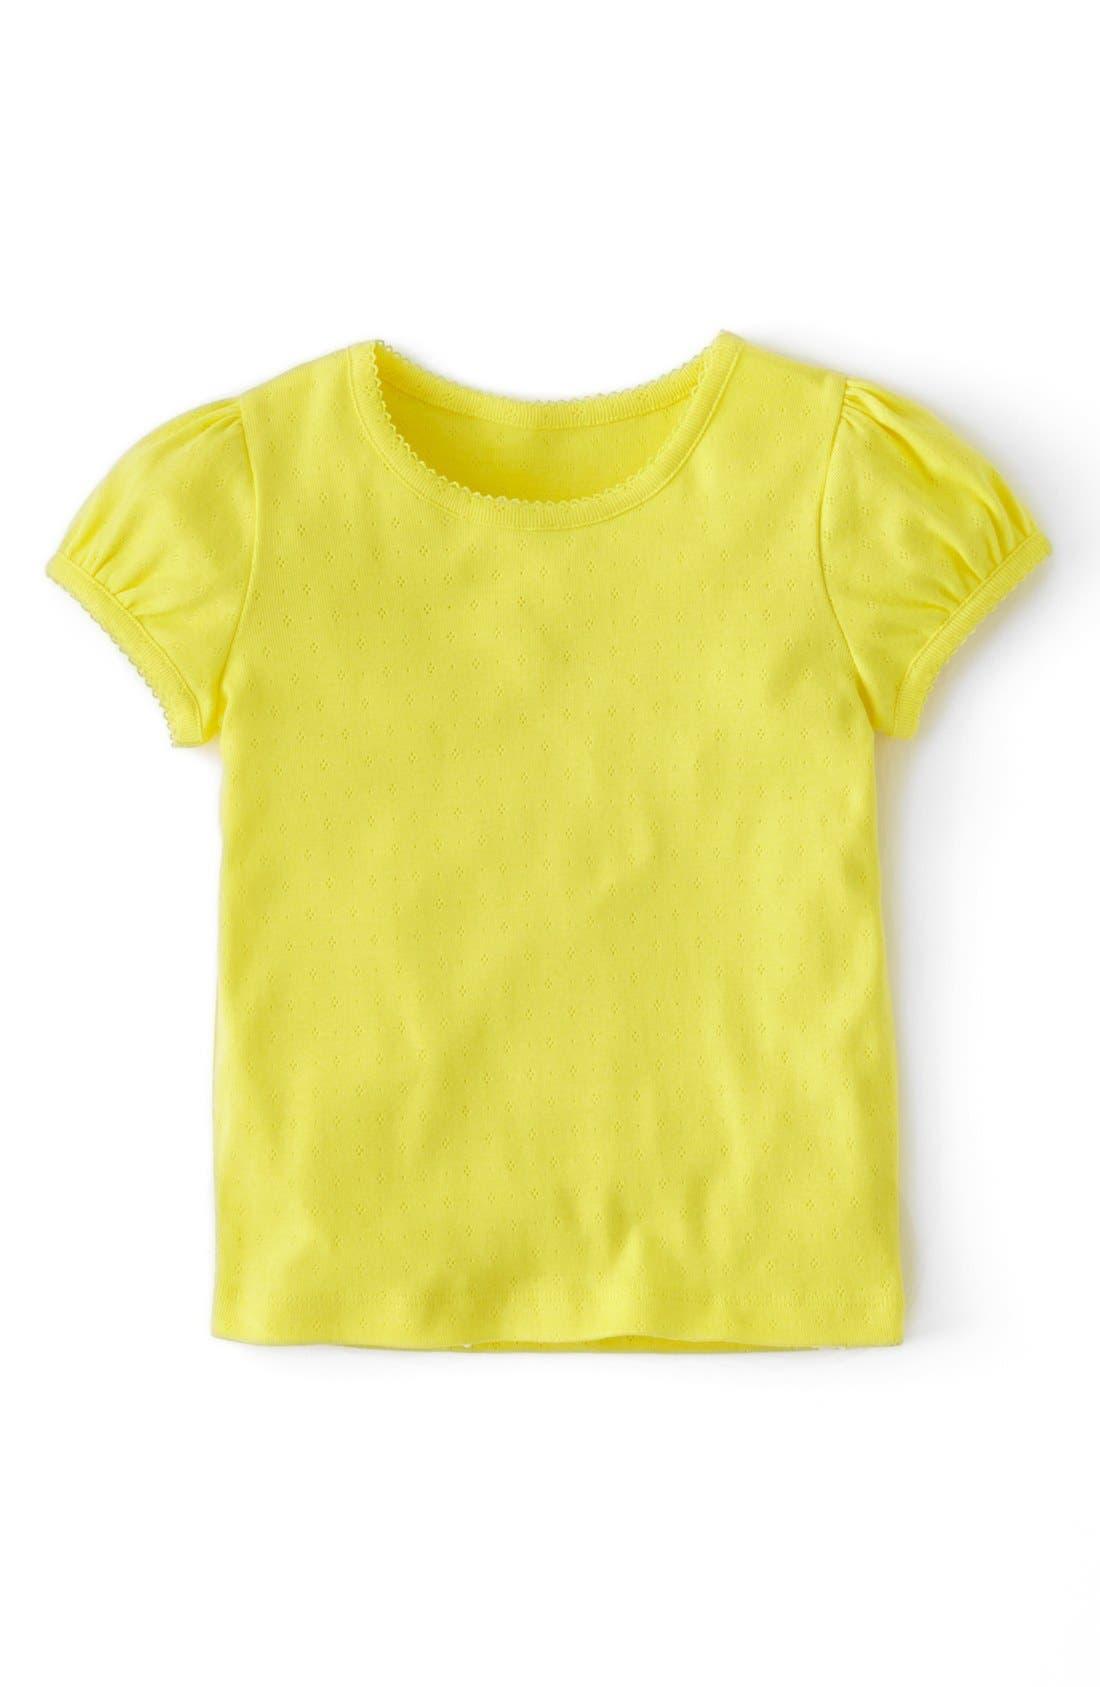 Alternate Image 1 Selected - Mini Boden Pointelle Cap Sleeve Tee (Toddler Girls, Little Girls & Big Girls)